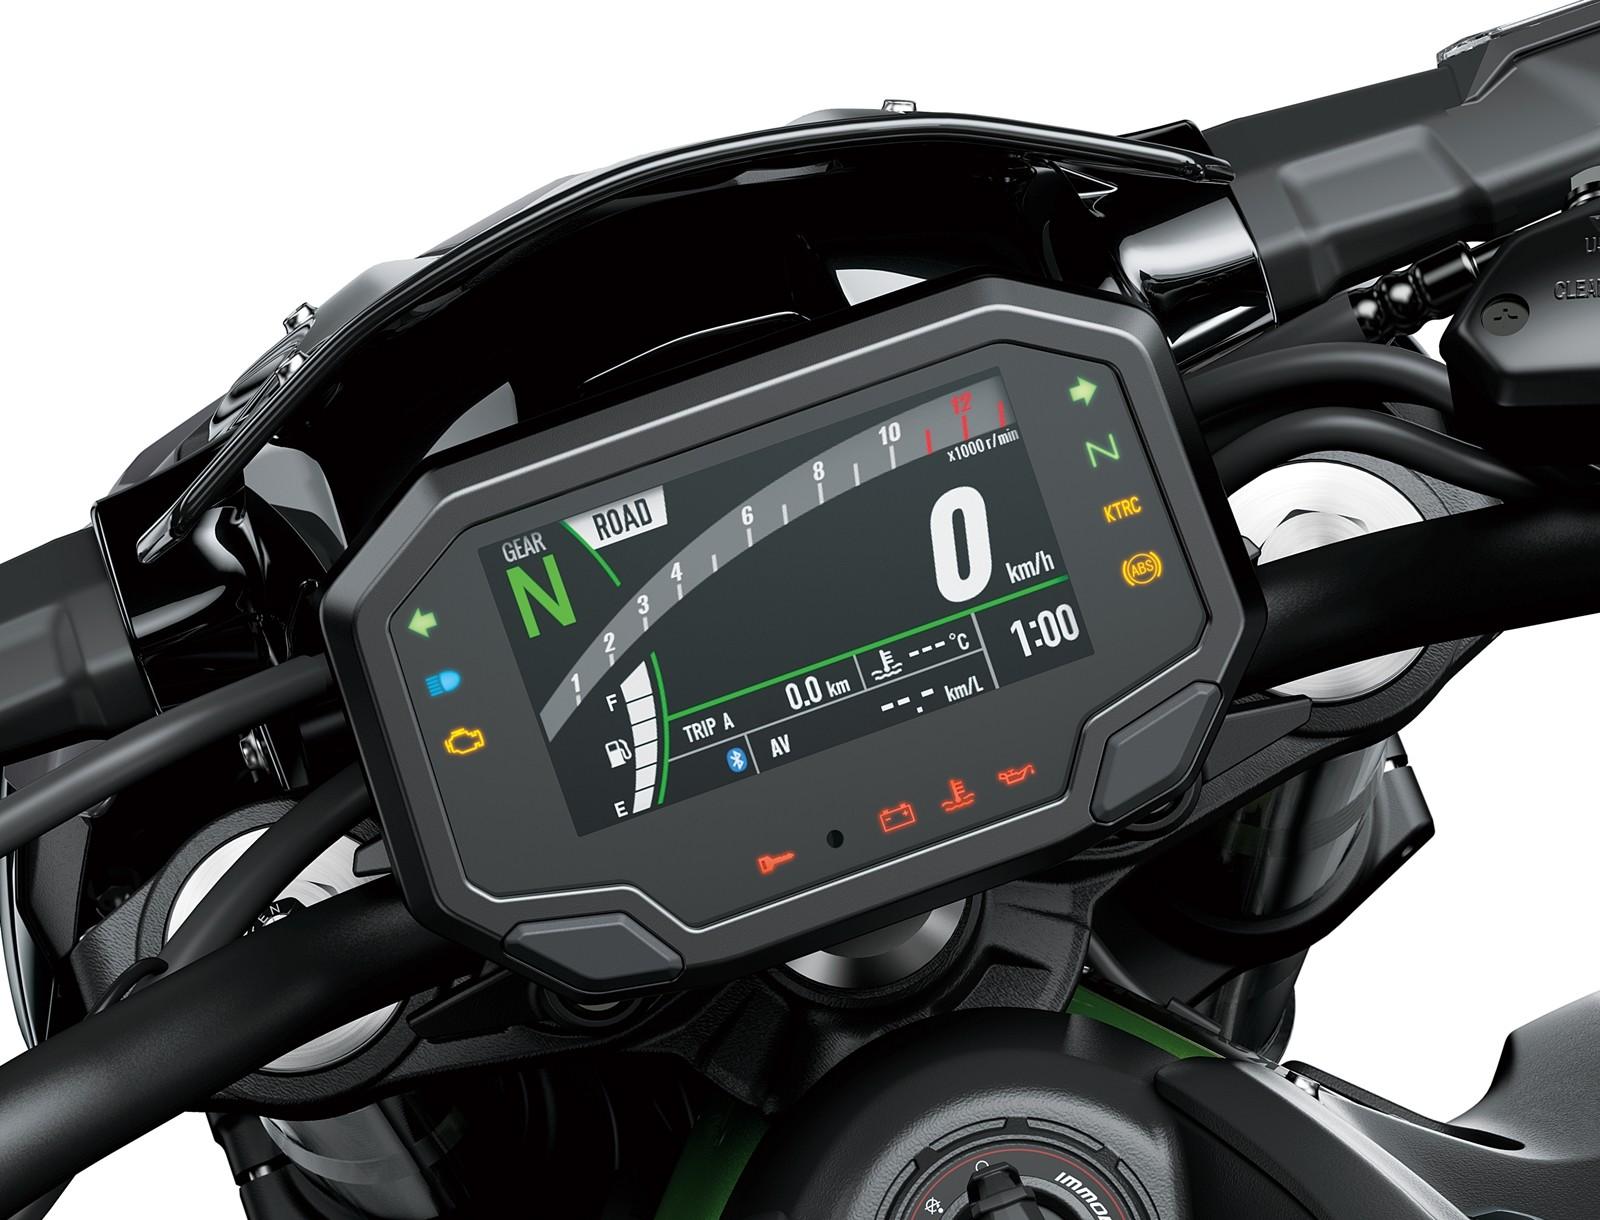 Foto de Kawasaki Z900 2020 (31/31)